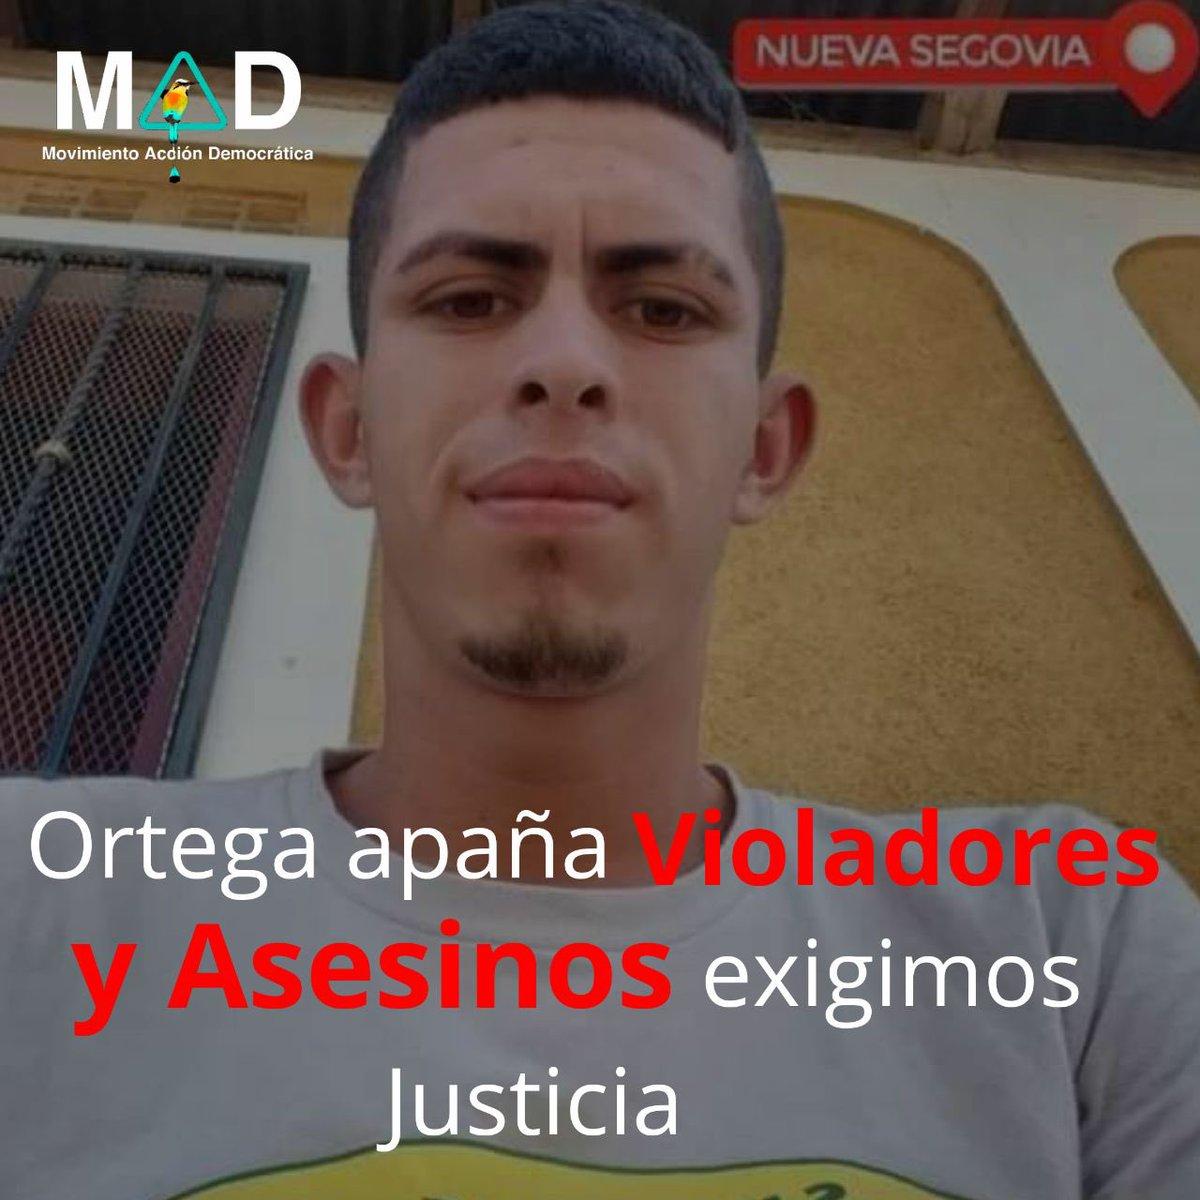 Mientras el régimen de Ortega continúen indultando a delincuentes y violadores, La Paz y la tranquilidad de nuestra sociedad está en peligro.   Exigimos justicia contra los violadores y asesinos; así como contra Ortega cómplice.   #NiUnaMenos #SomosMAD